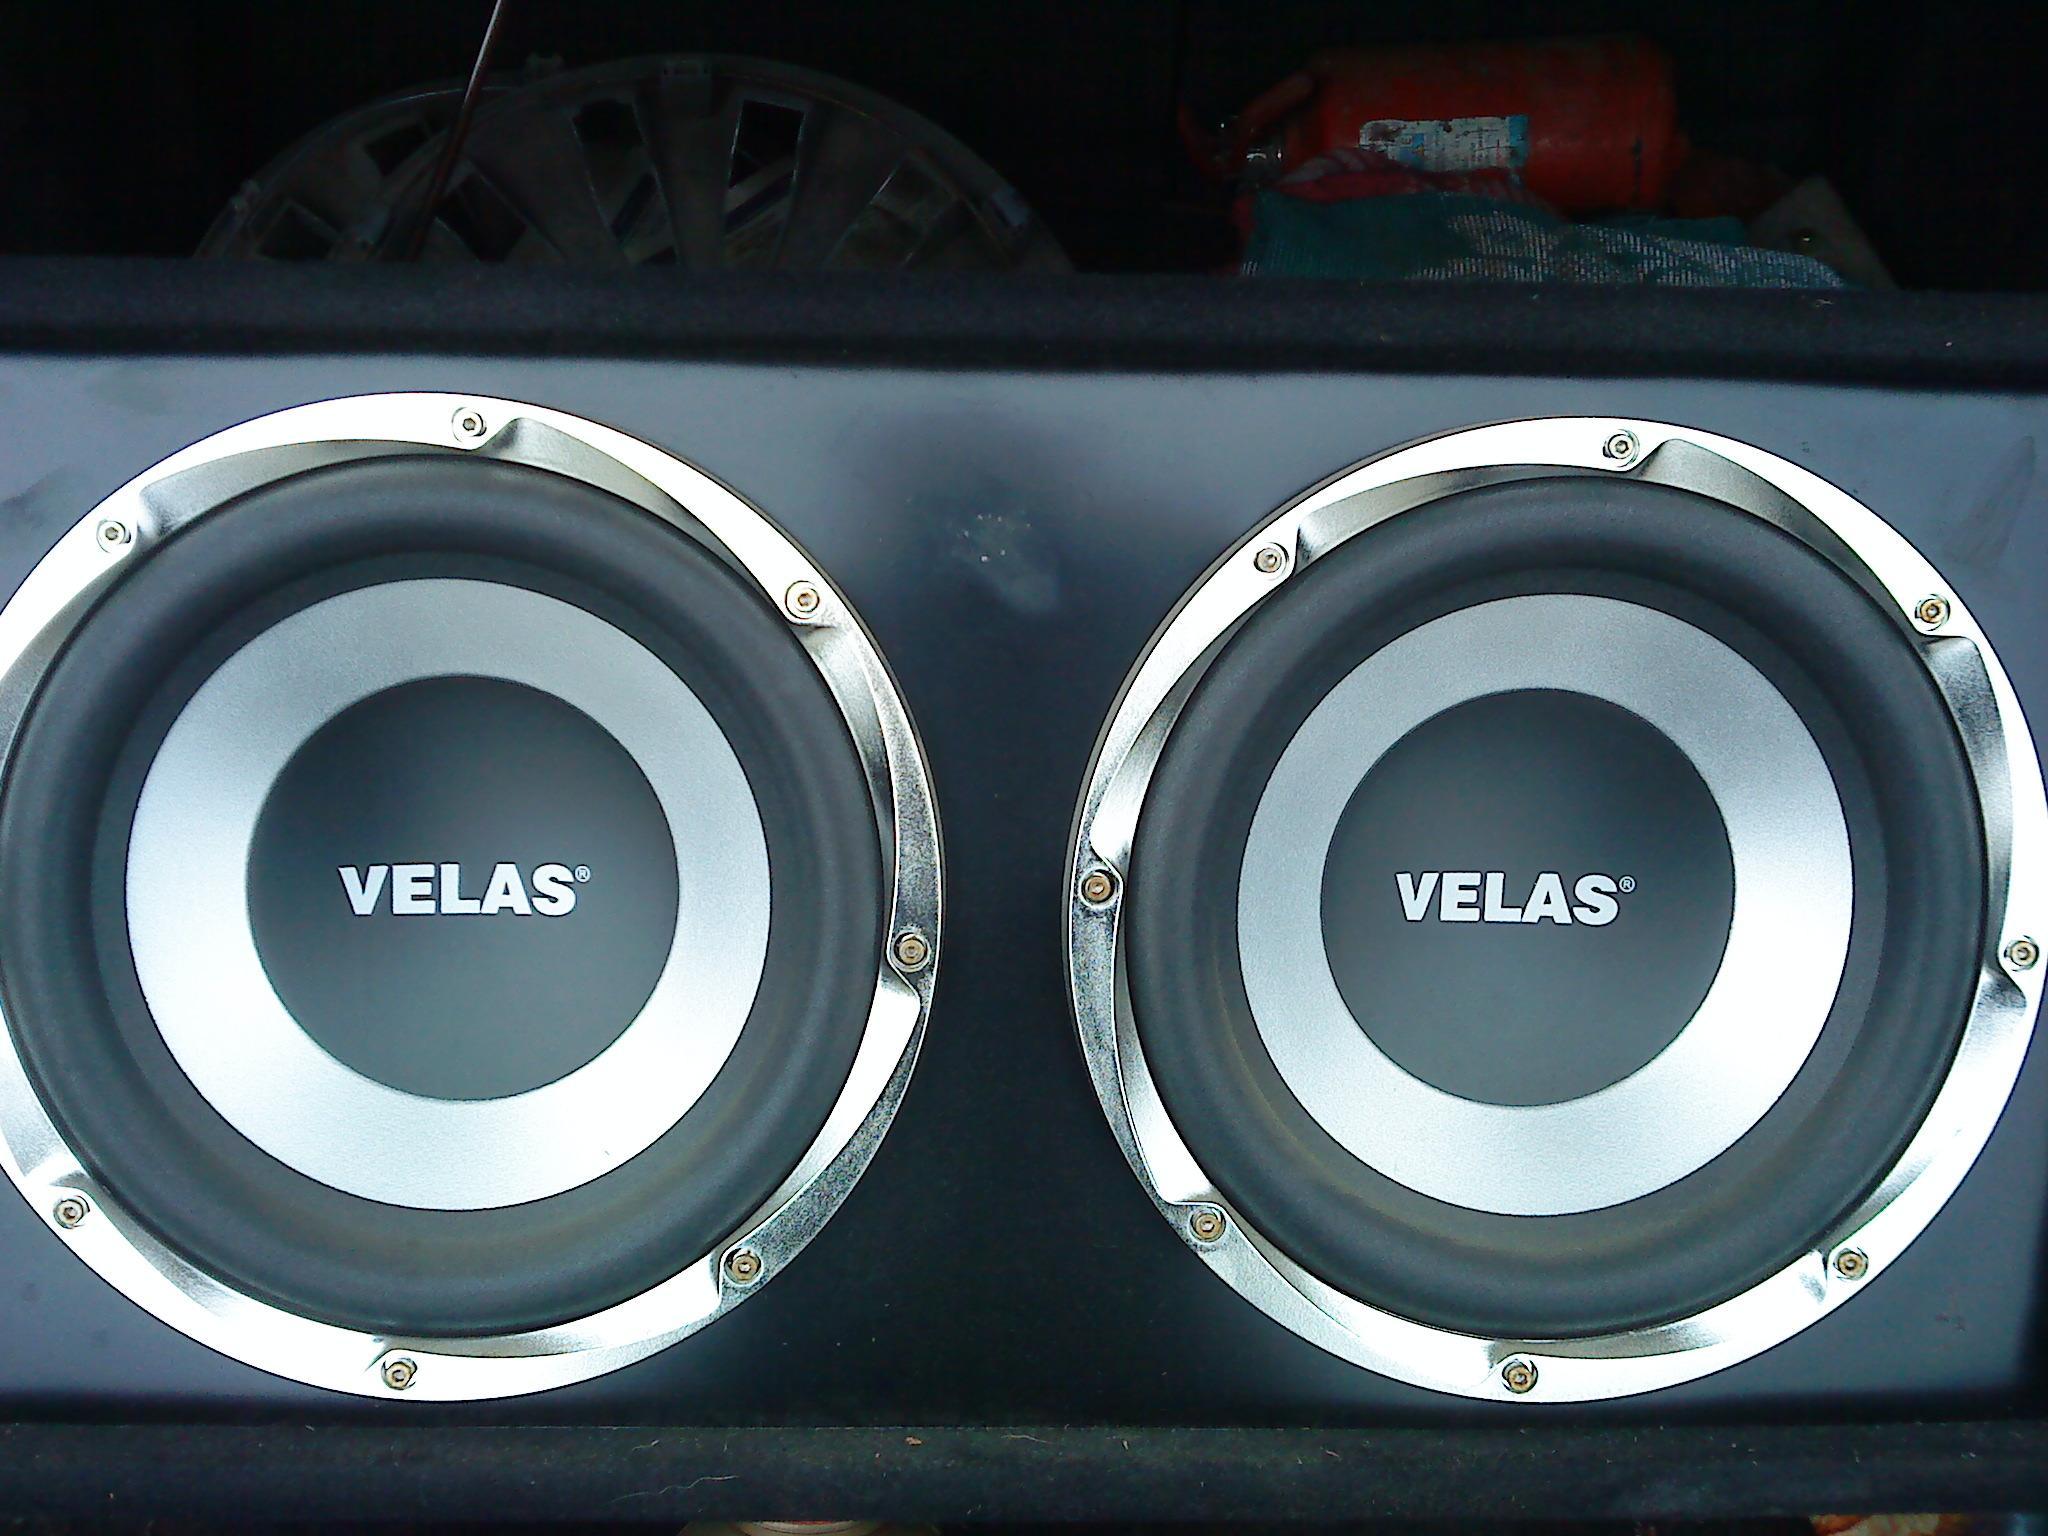 Dvd-ресивер с монитором velas vdm-nmb504tv с картой navitel: съемная панель